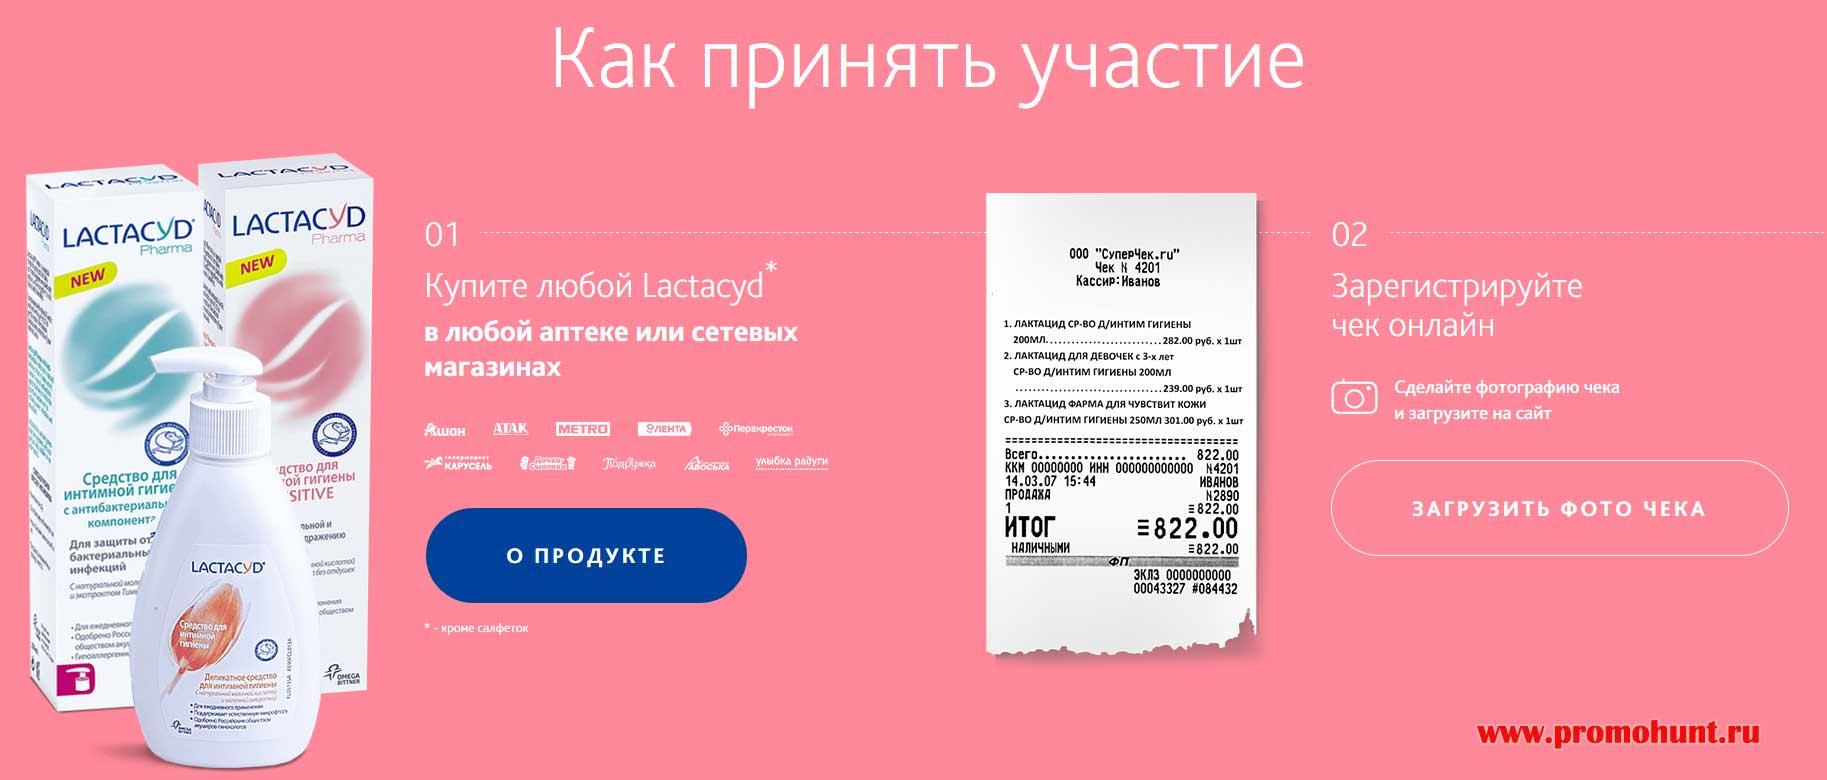 Акция Лактацид 2018 на lactacydpromo.ru